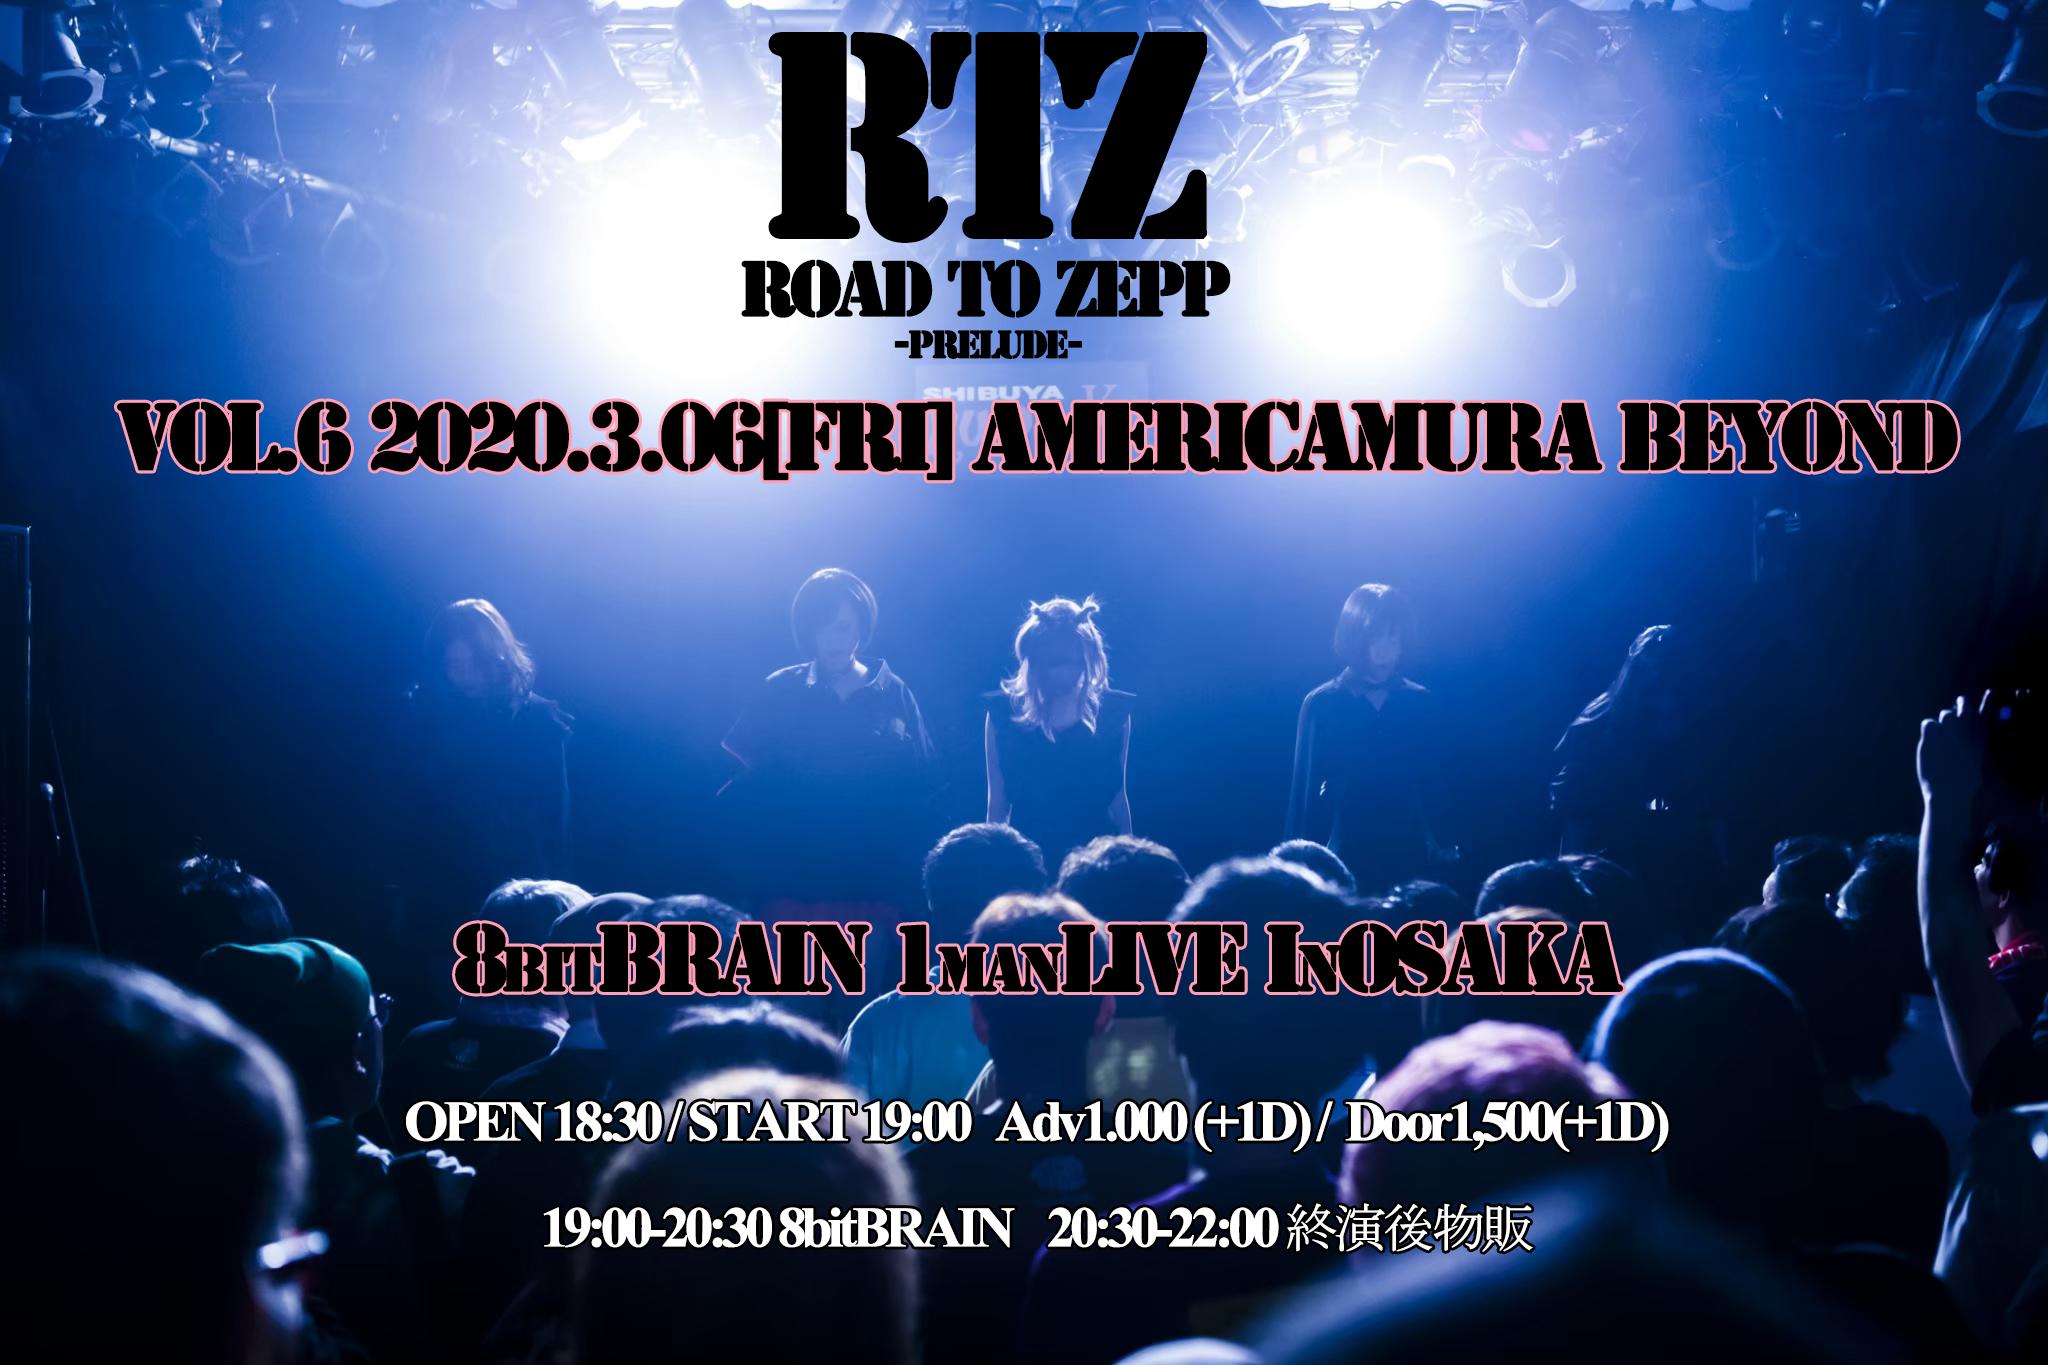 8bitBRAIN東名阪ワンマンツアー 8bitBRAIN RTZ-prelude- Vol.6